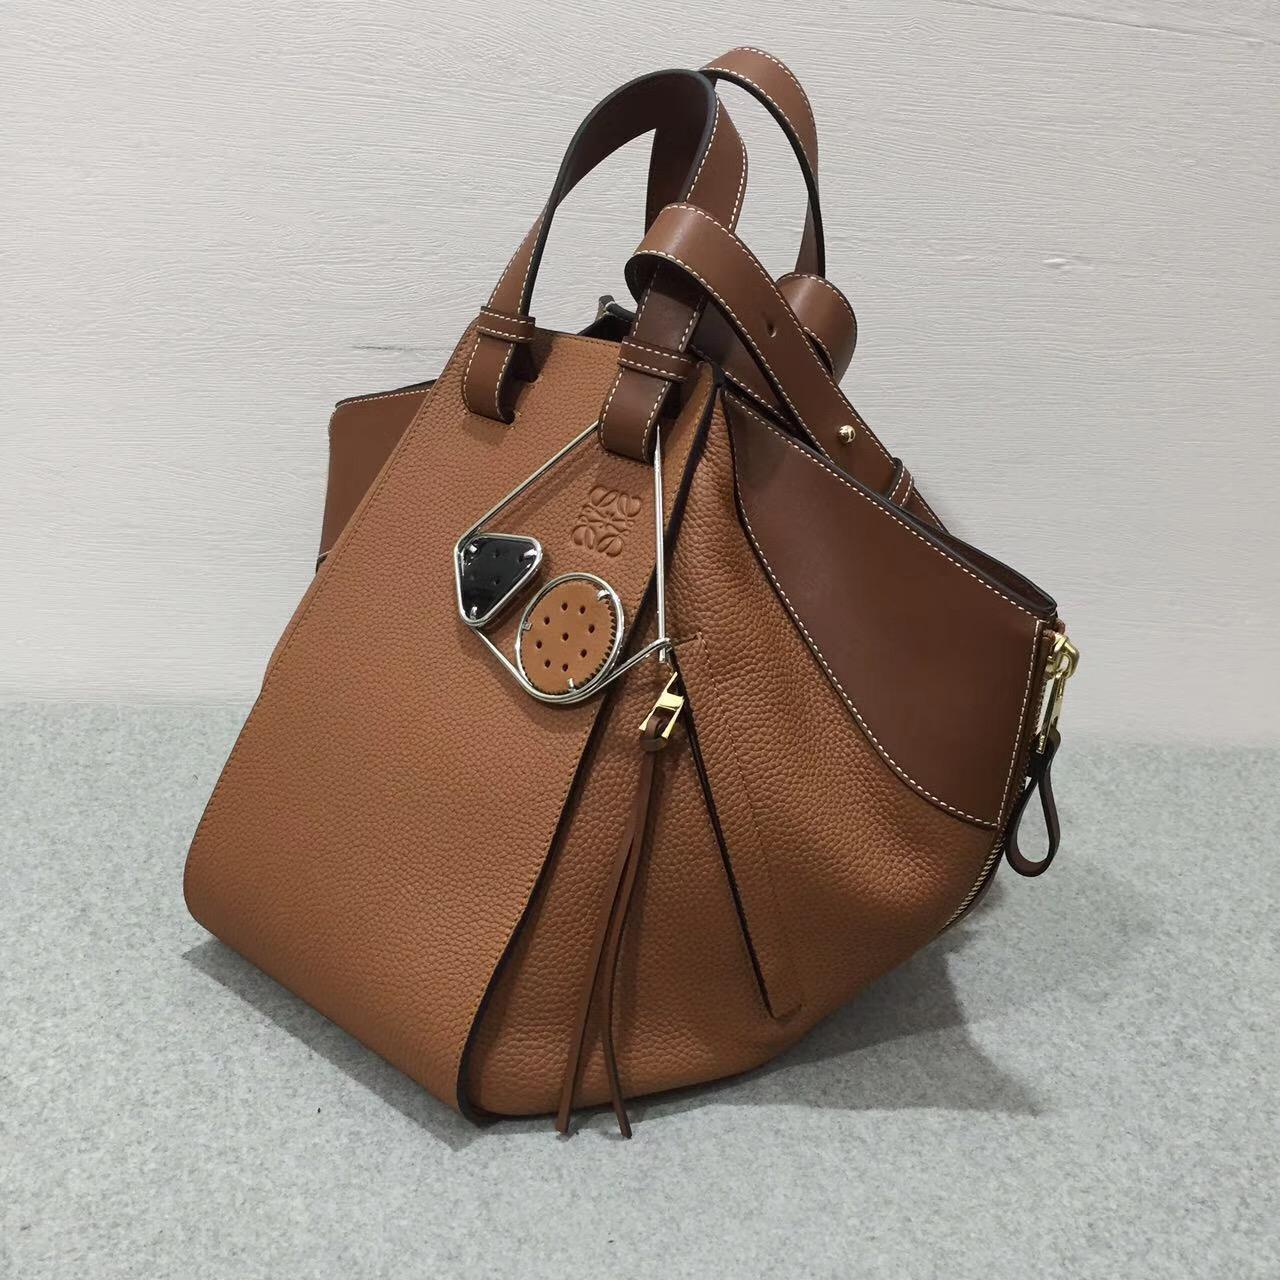 LOEWE女包Hammock Bag 系列全新吊床包 采用togo小牛皮棕色 大號:88537